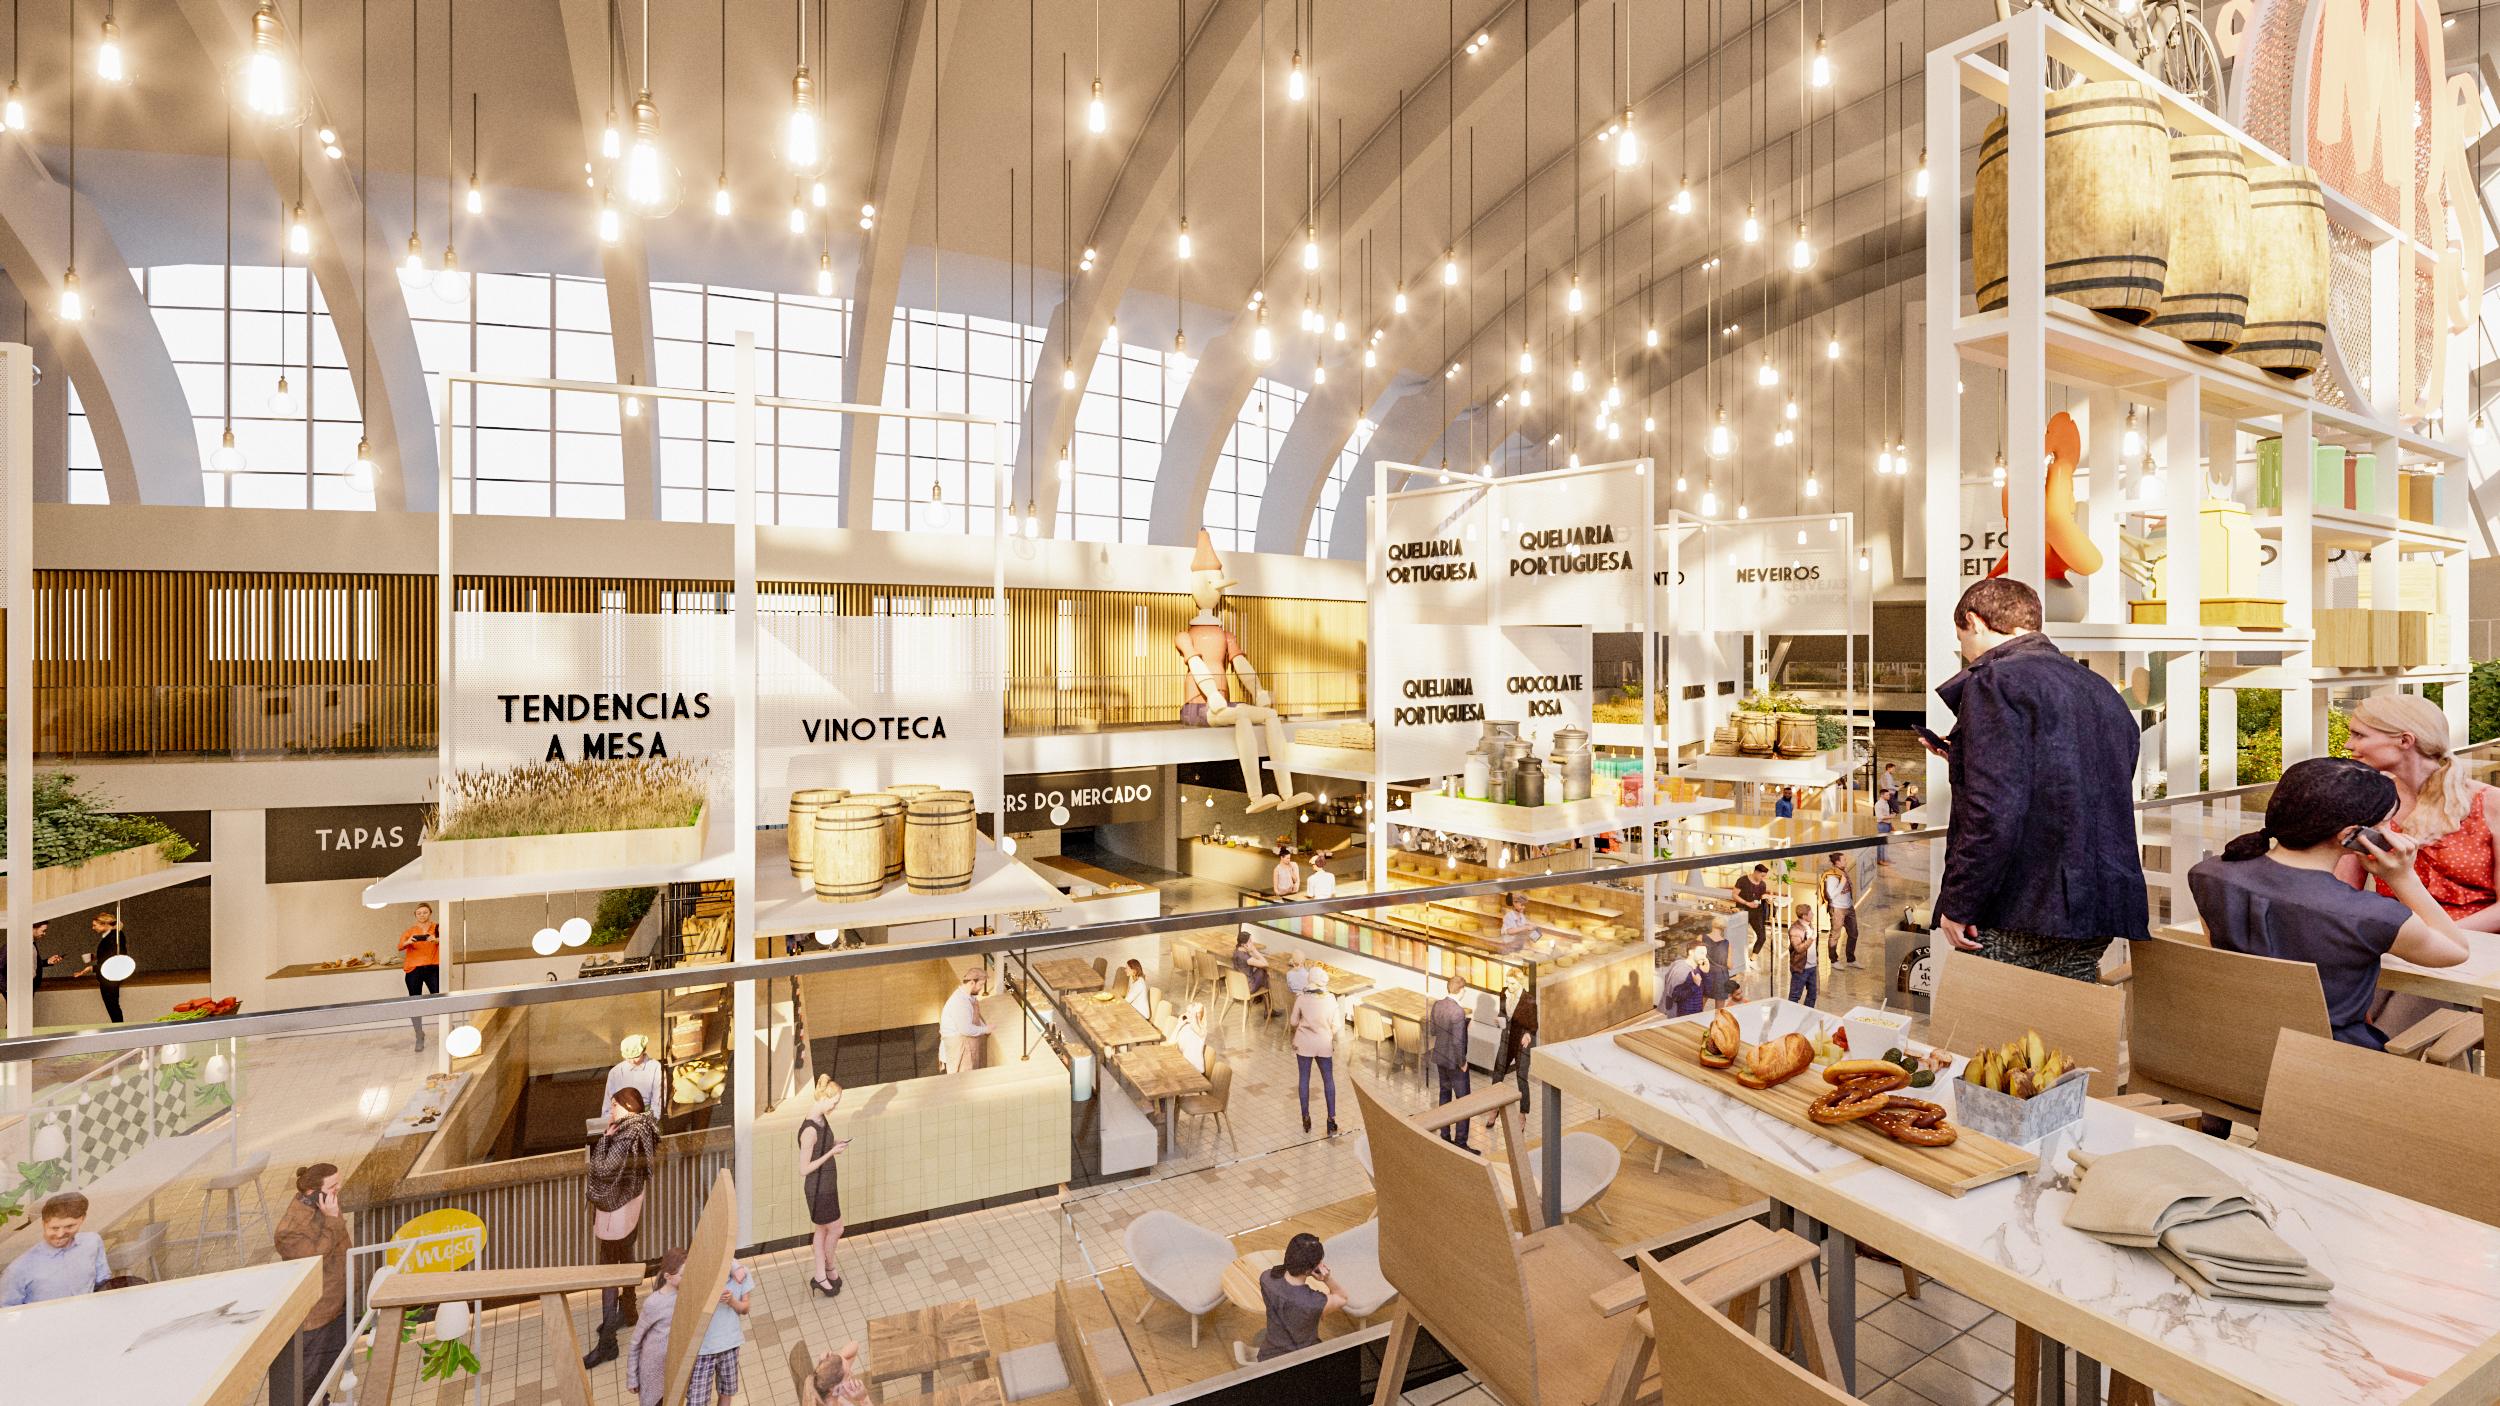 Mercado Bom Sucesso by Reify